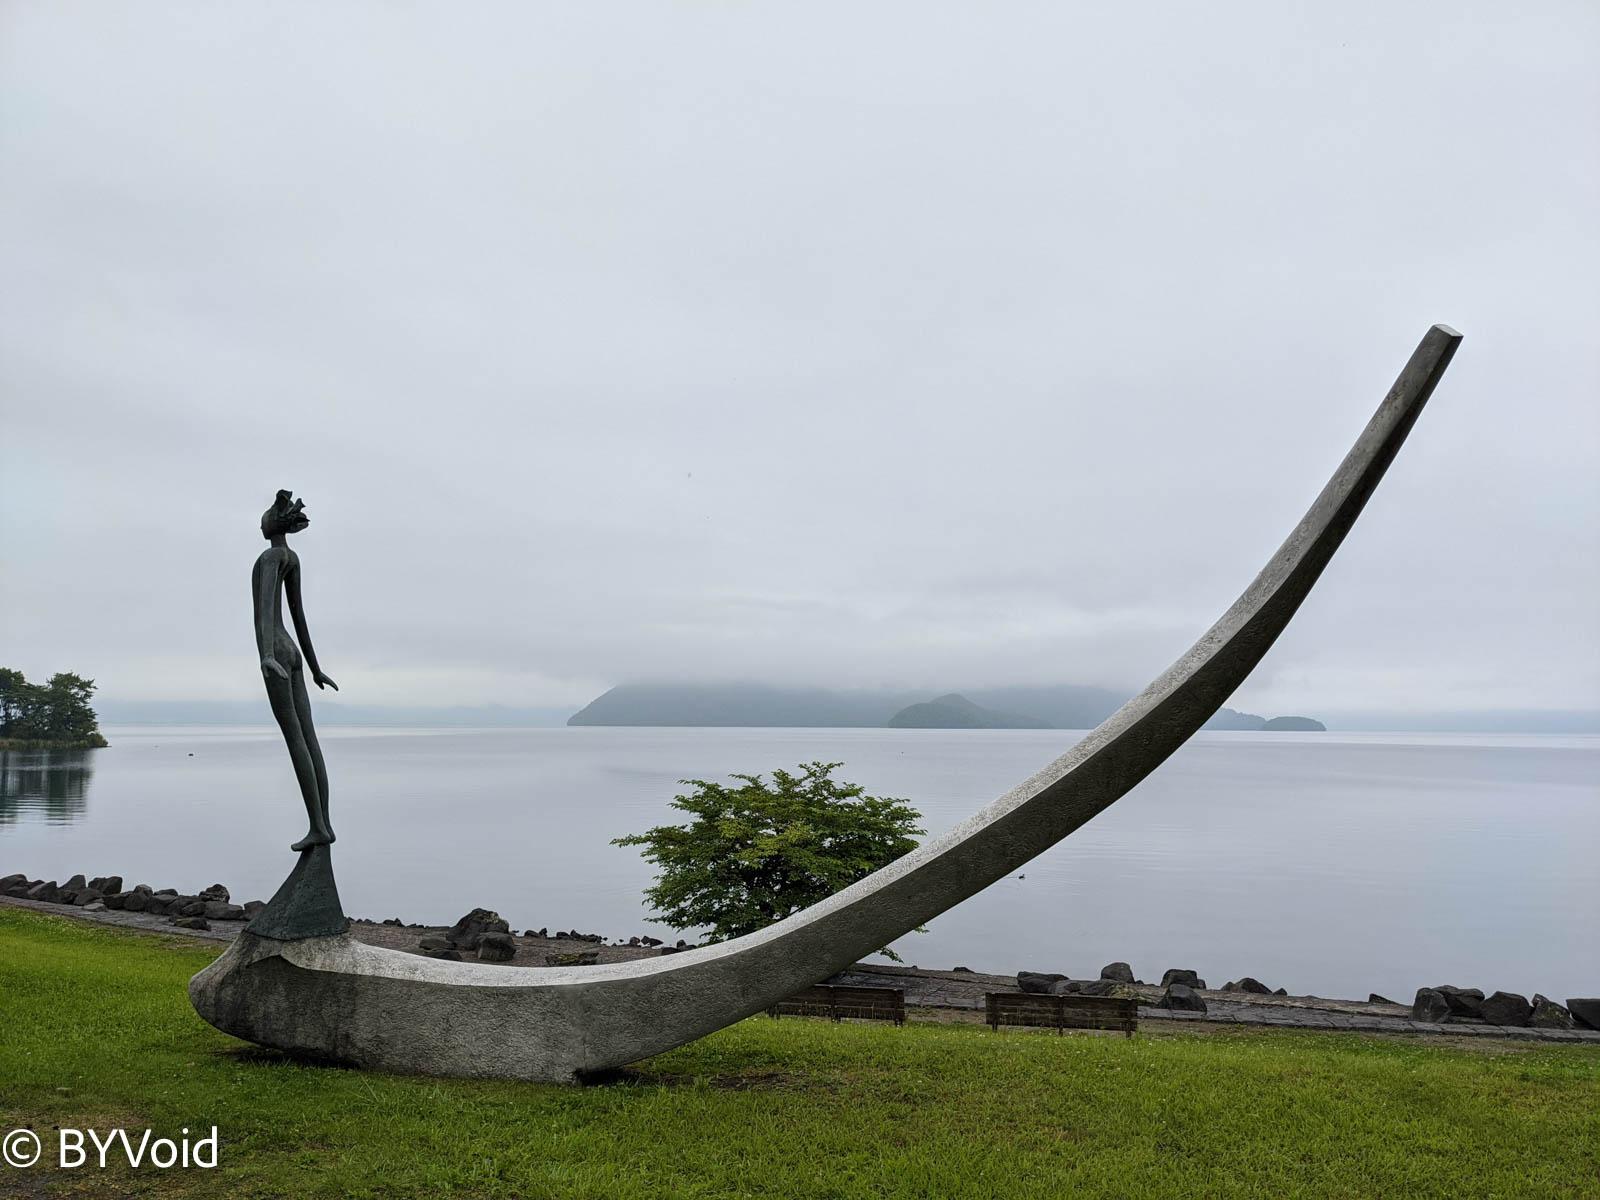 洞爺湖雕塑